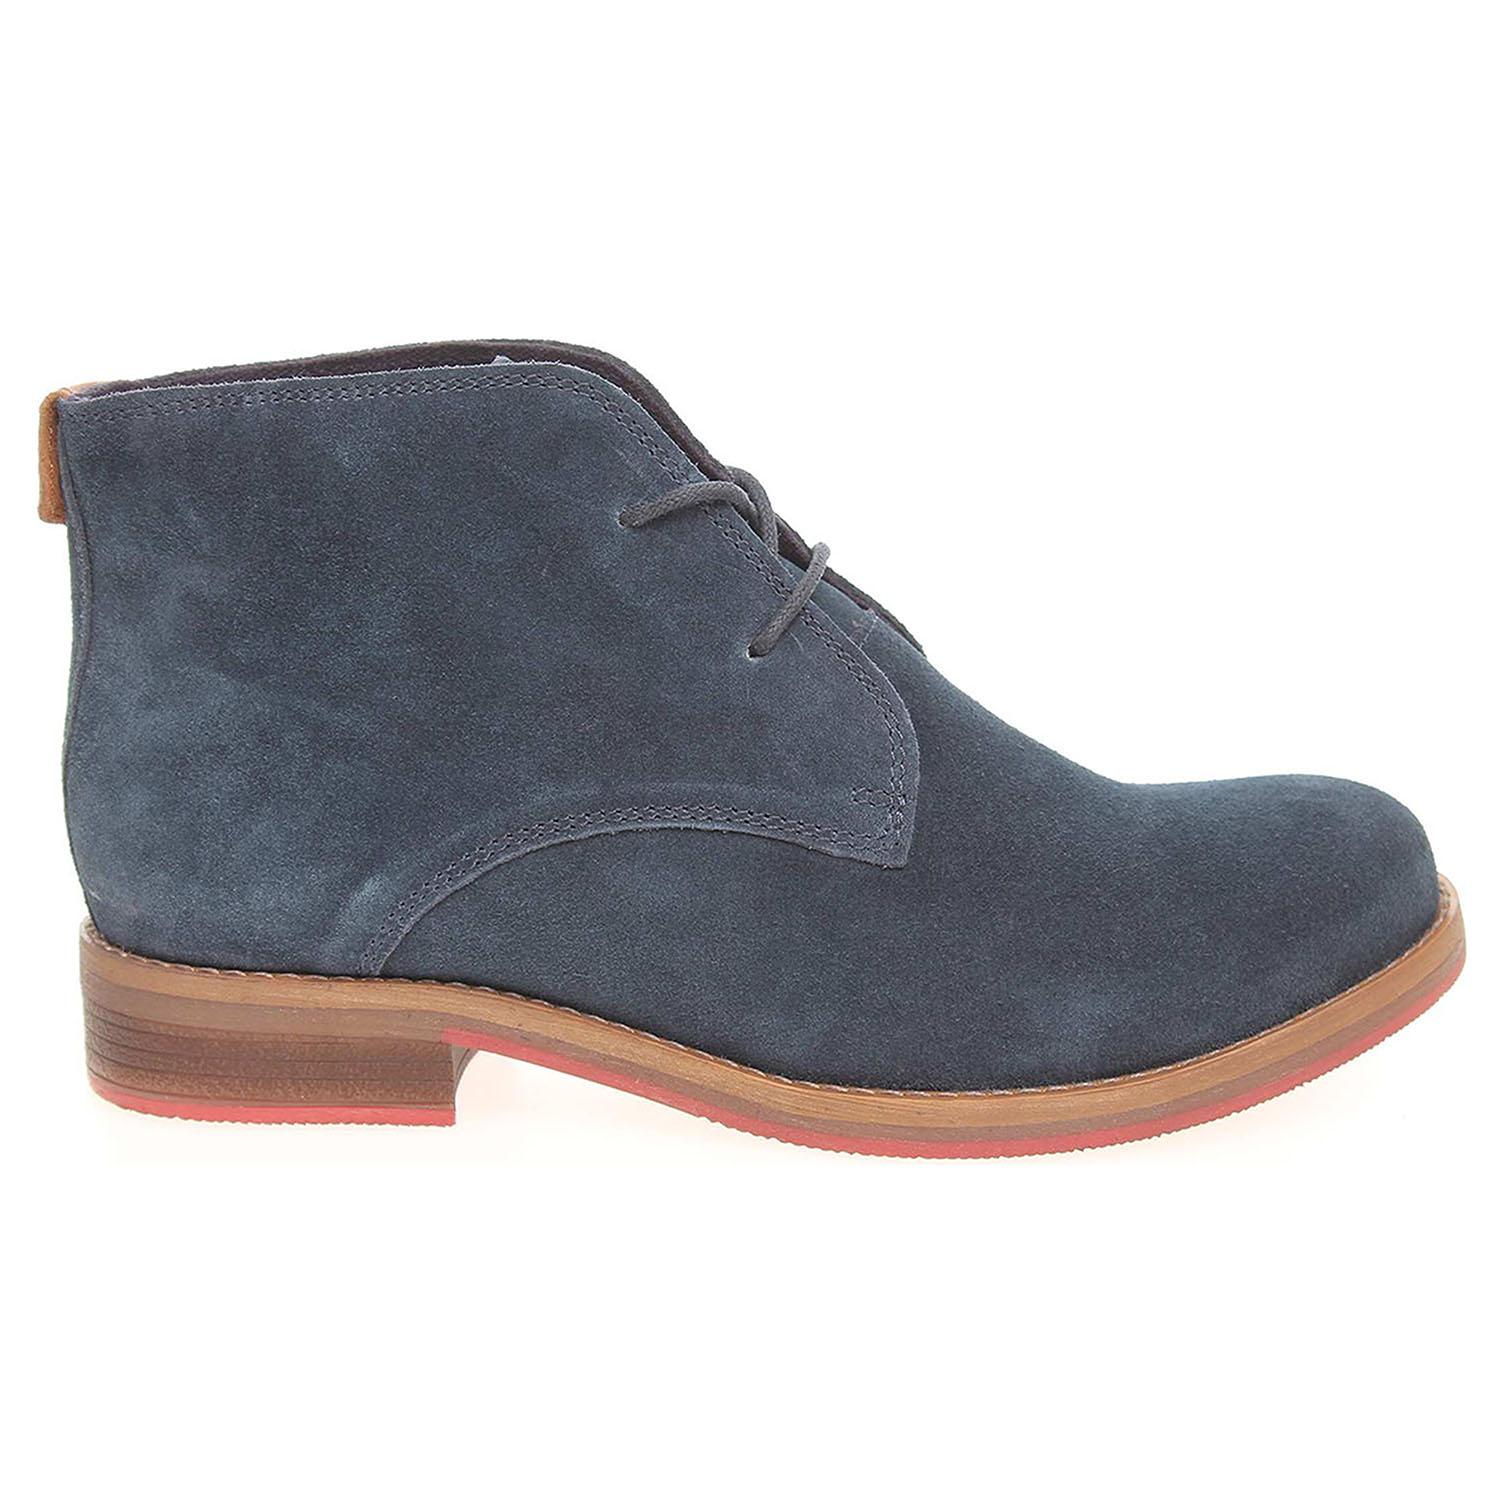 s.Oliver dámská obuv 5-25205-37 modrá 37